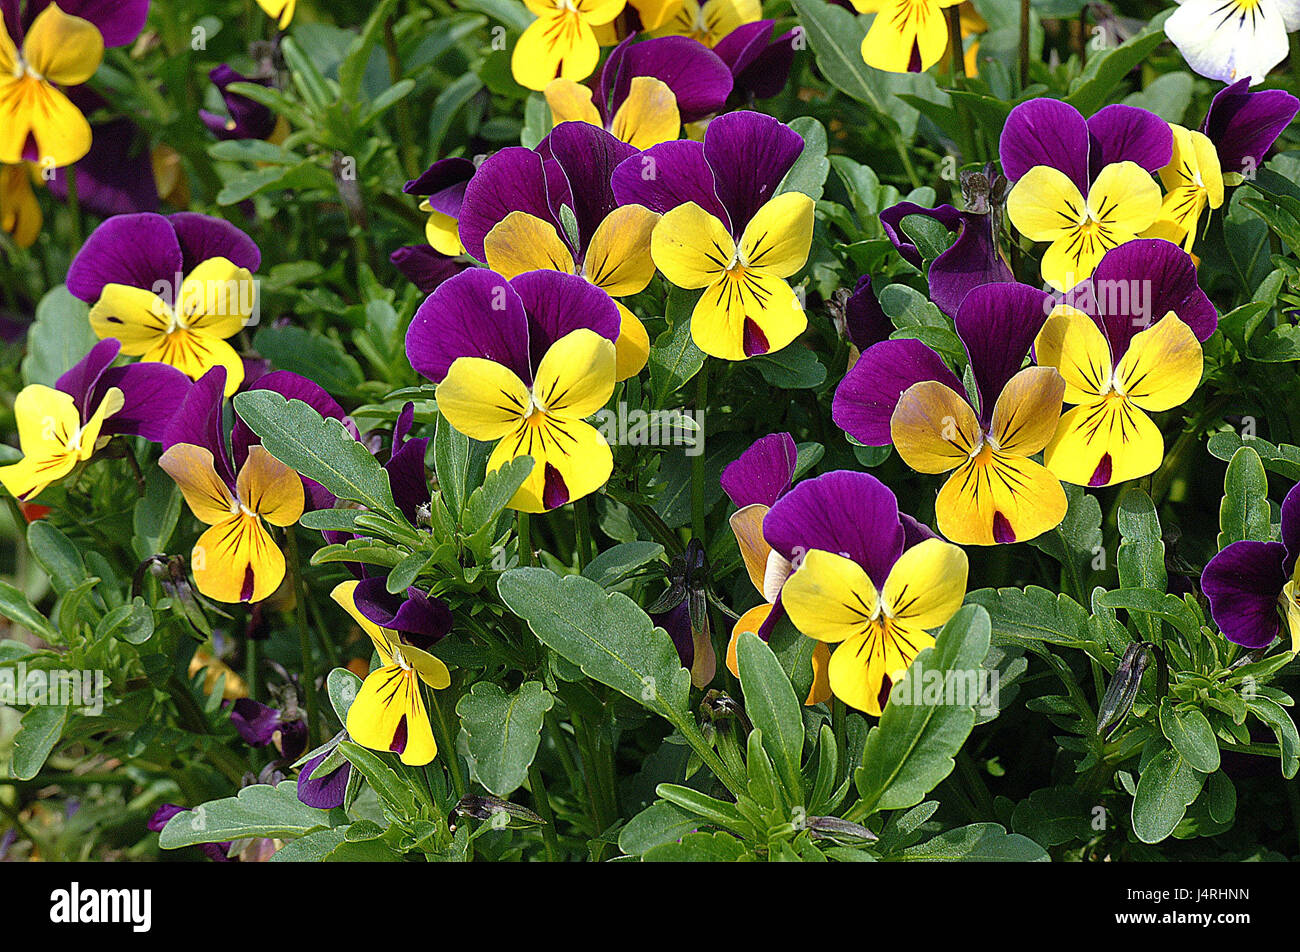 Pansies, viola sp., - Stock Image